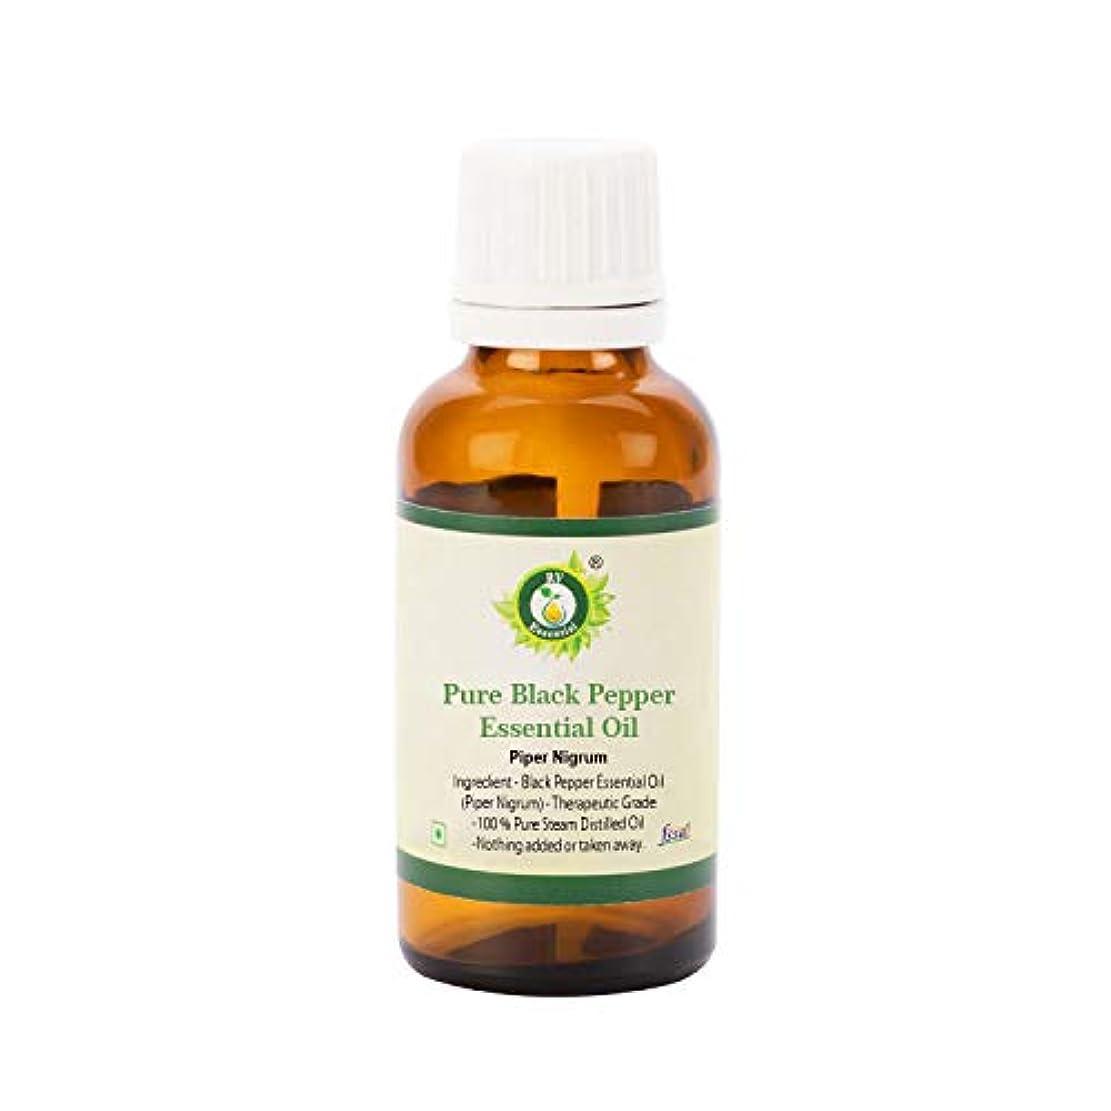 征服する範囲処方するR V Essential ピュアブラックペッパーエッセンシャルオイル630ml (21oz)- Piper Nigrum (100%純粋&天然スチームDistilled) Pure Black Pepper Essential...